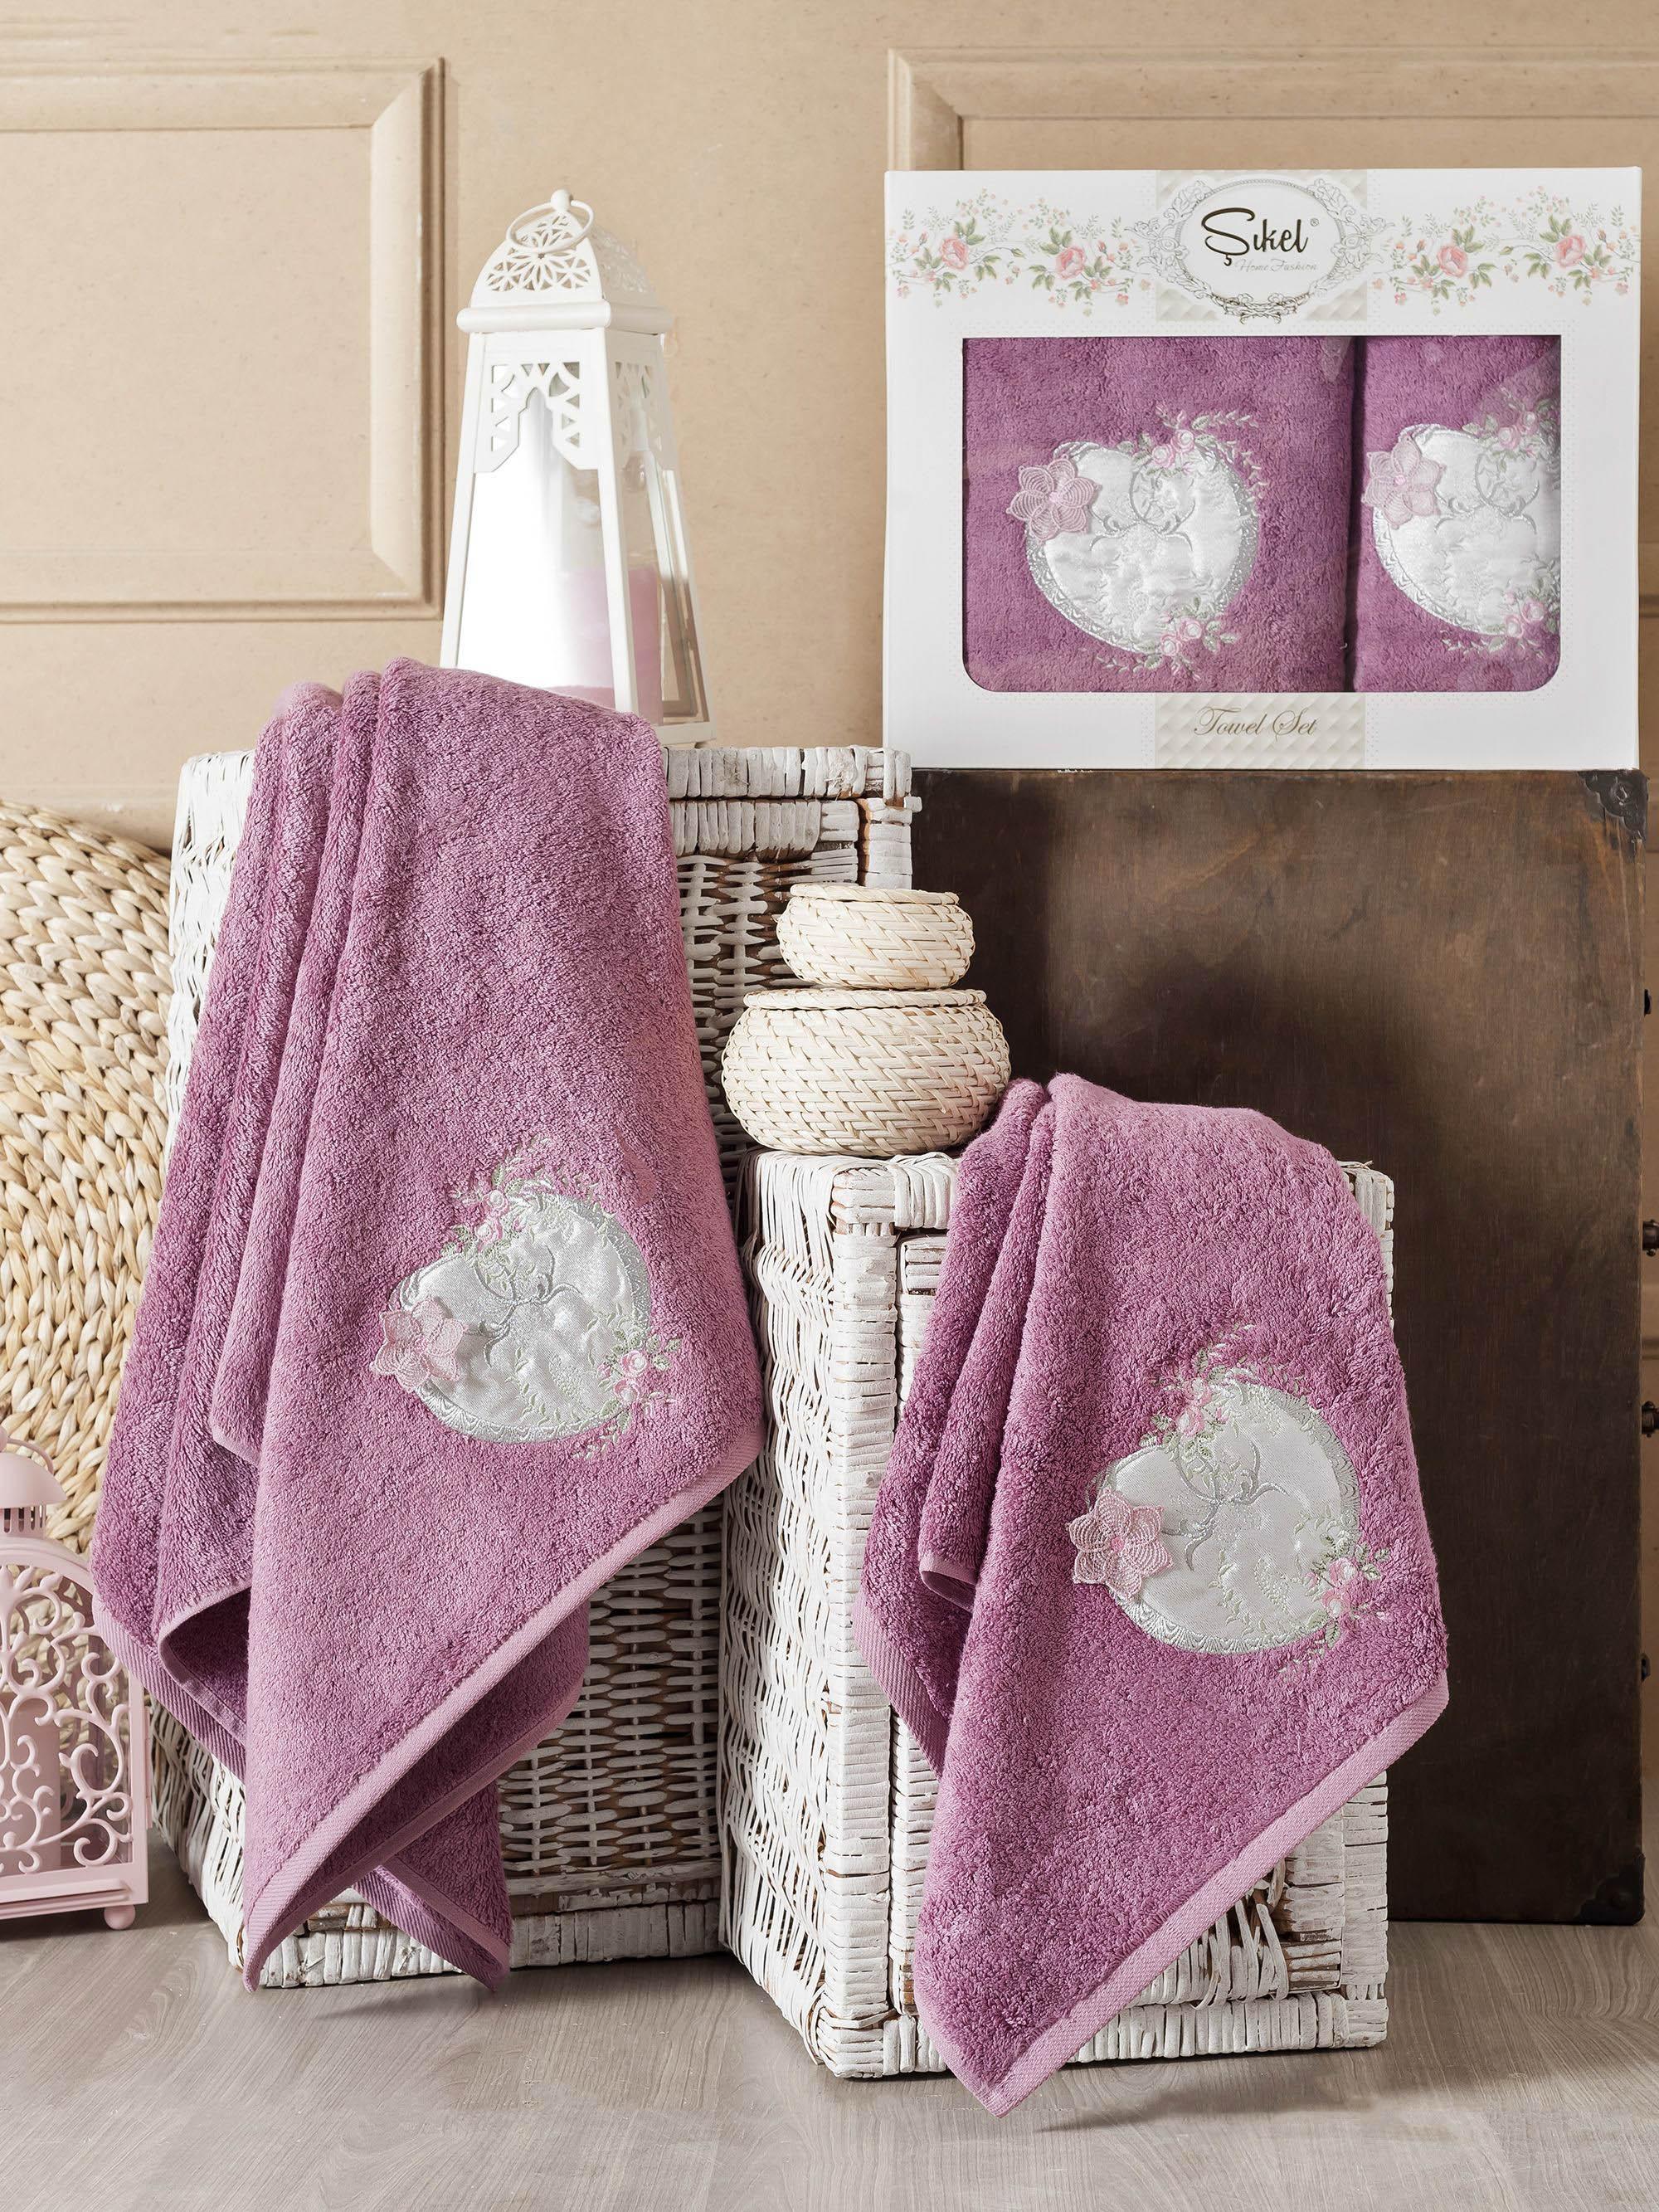 Полотенца Sikel Набор из 2 полотенец Simli Kalp Цвет: Фиолетовый фиолетовый kvadrro м 50х90 70х130 в коробке набор полотенец фиеста